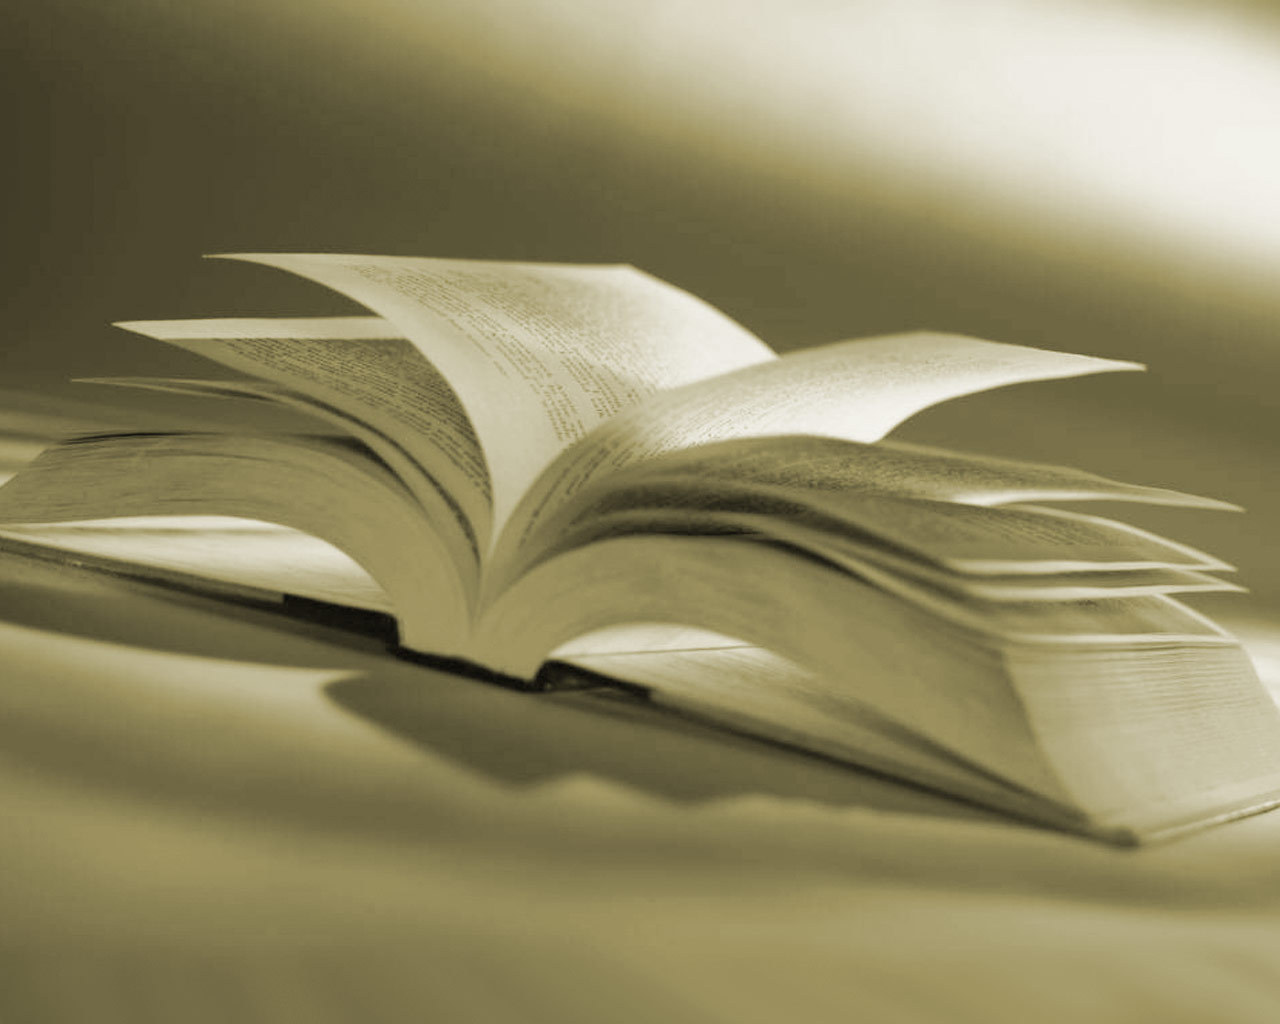 livres fond d'écran